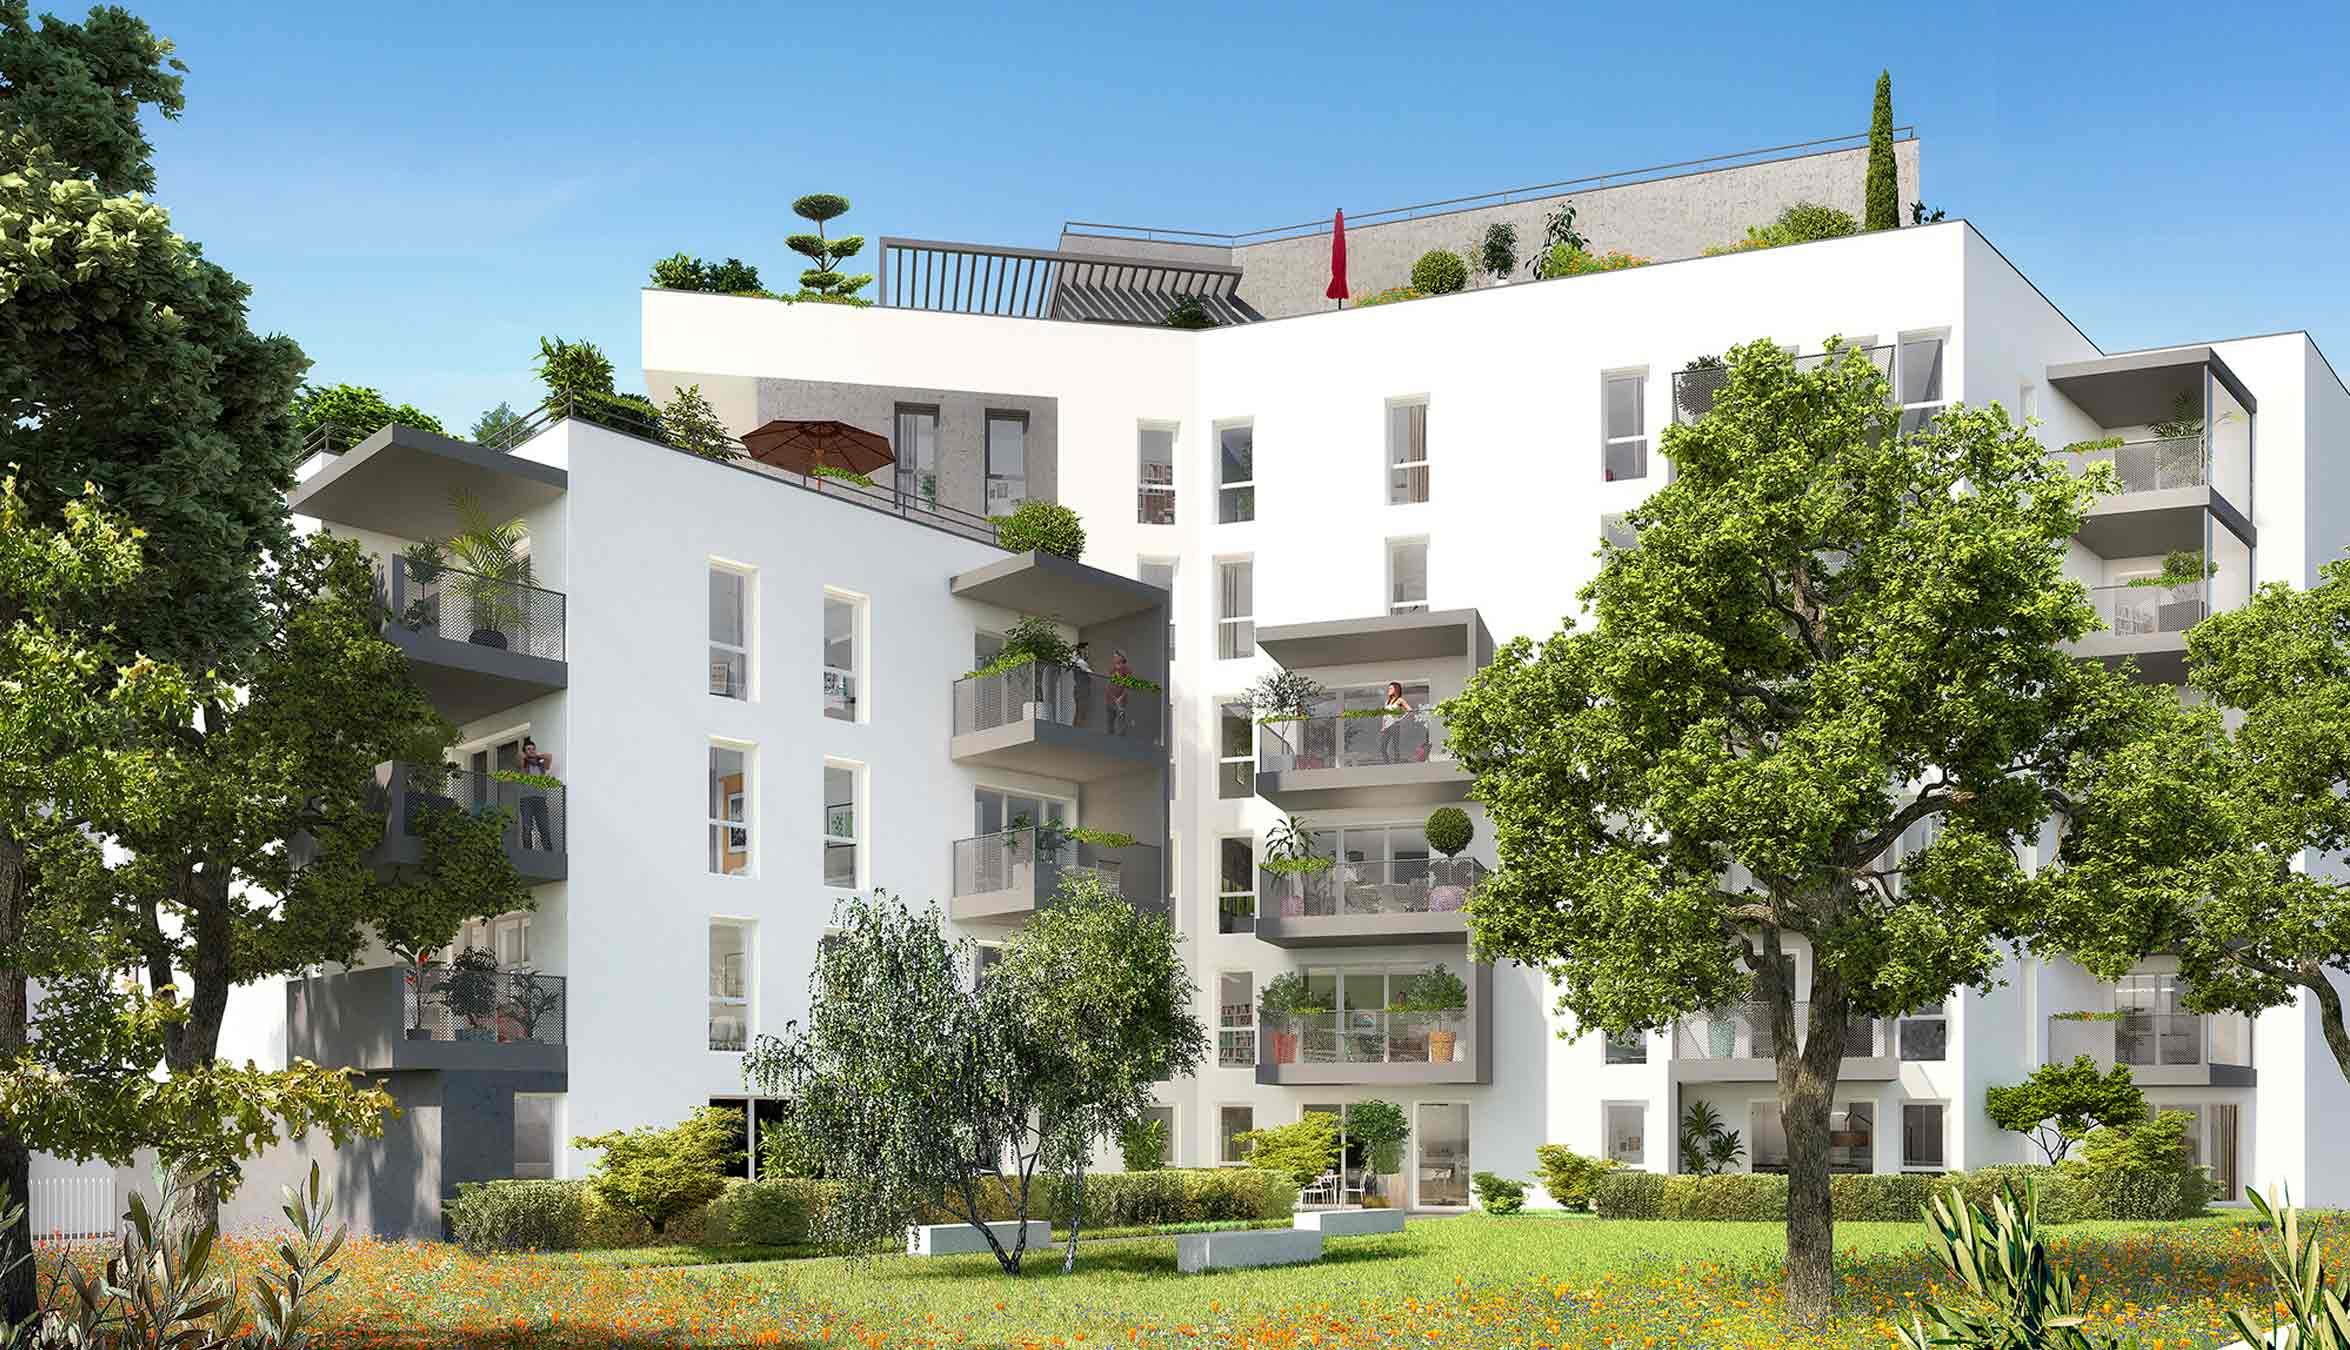 Que faut-il savoir à propos d'un projet immobilier à Montpellier?